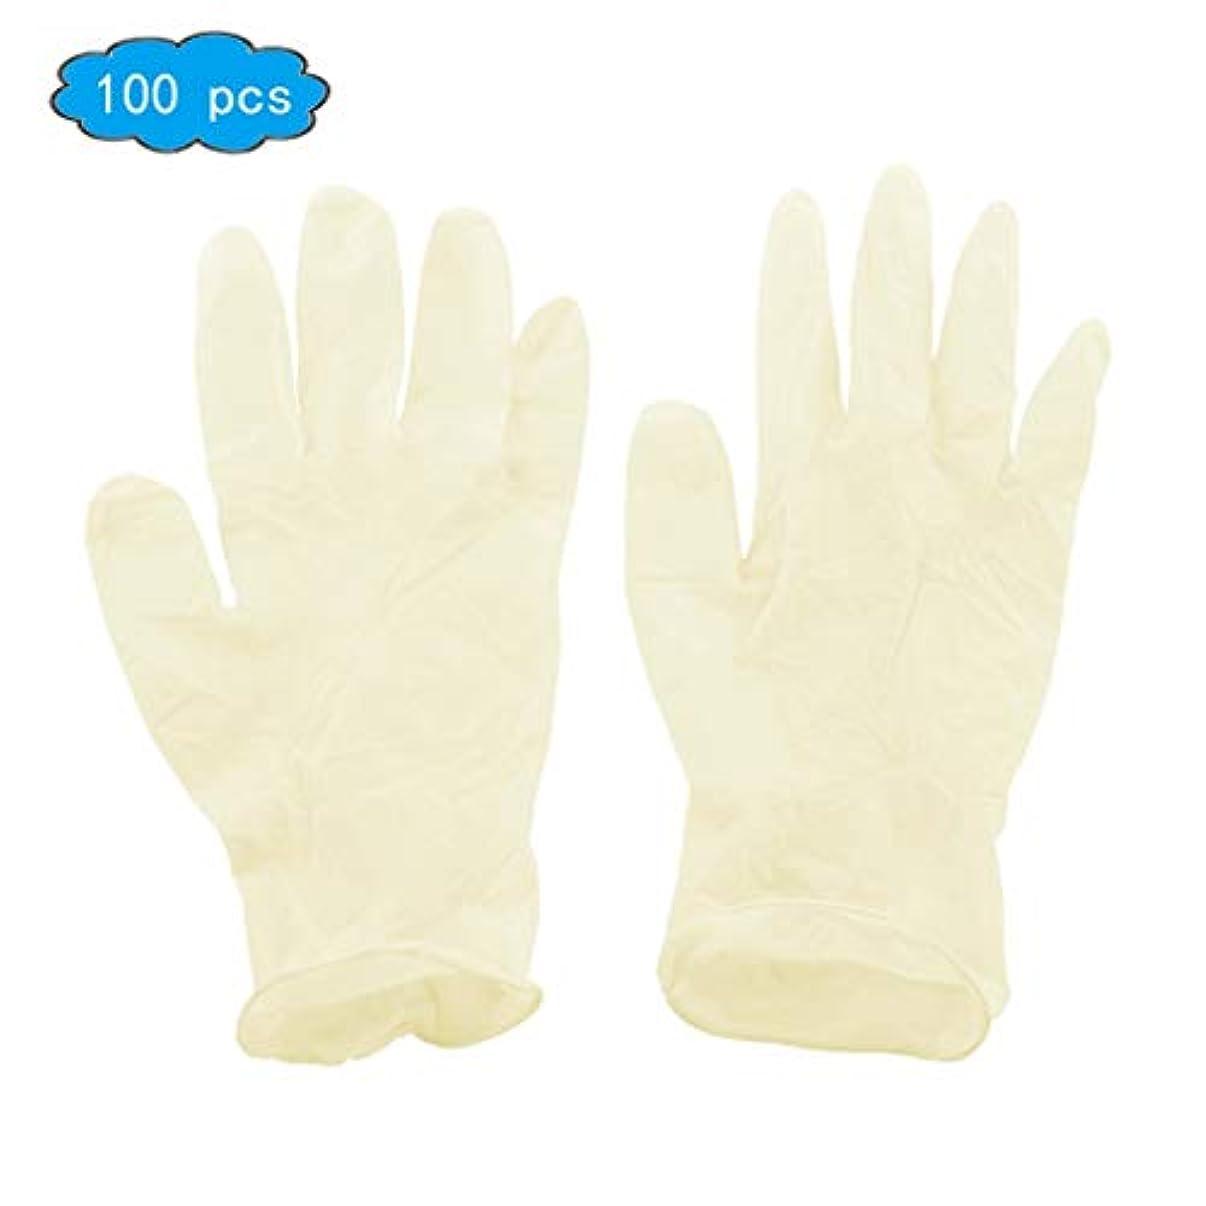 眠いです柔らかいモス使い捨て手袋 - 医療用、パウダーフリー、ラテックスゴム、使い捨て、非滅菌、食品安全、テクスチャード加工、(便利なディスペンサーパック100)、中サイズ、応急処置用品 (Color : Beige, Size : M)